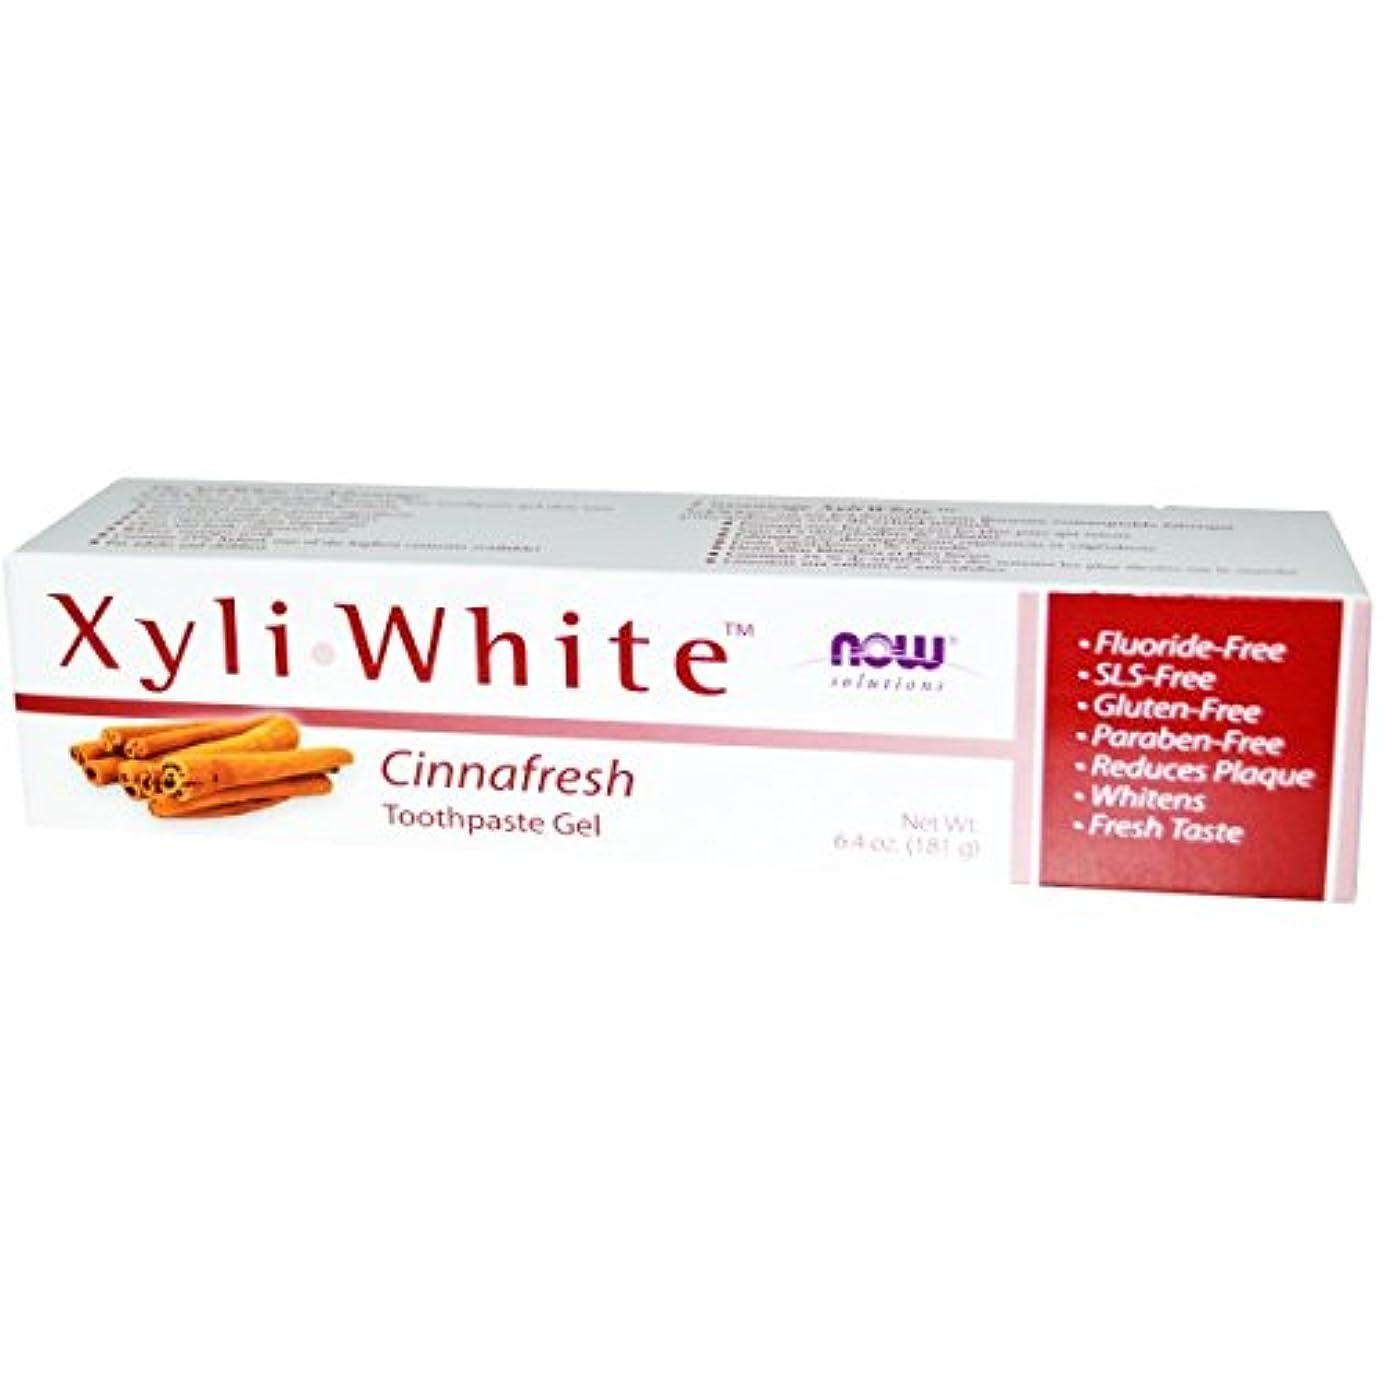 [海外直送品] ナウフーズ(Now Foods) キシリホワイト トゥースペースト(シナフレッシュ) 181g